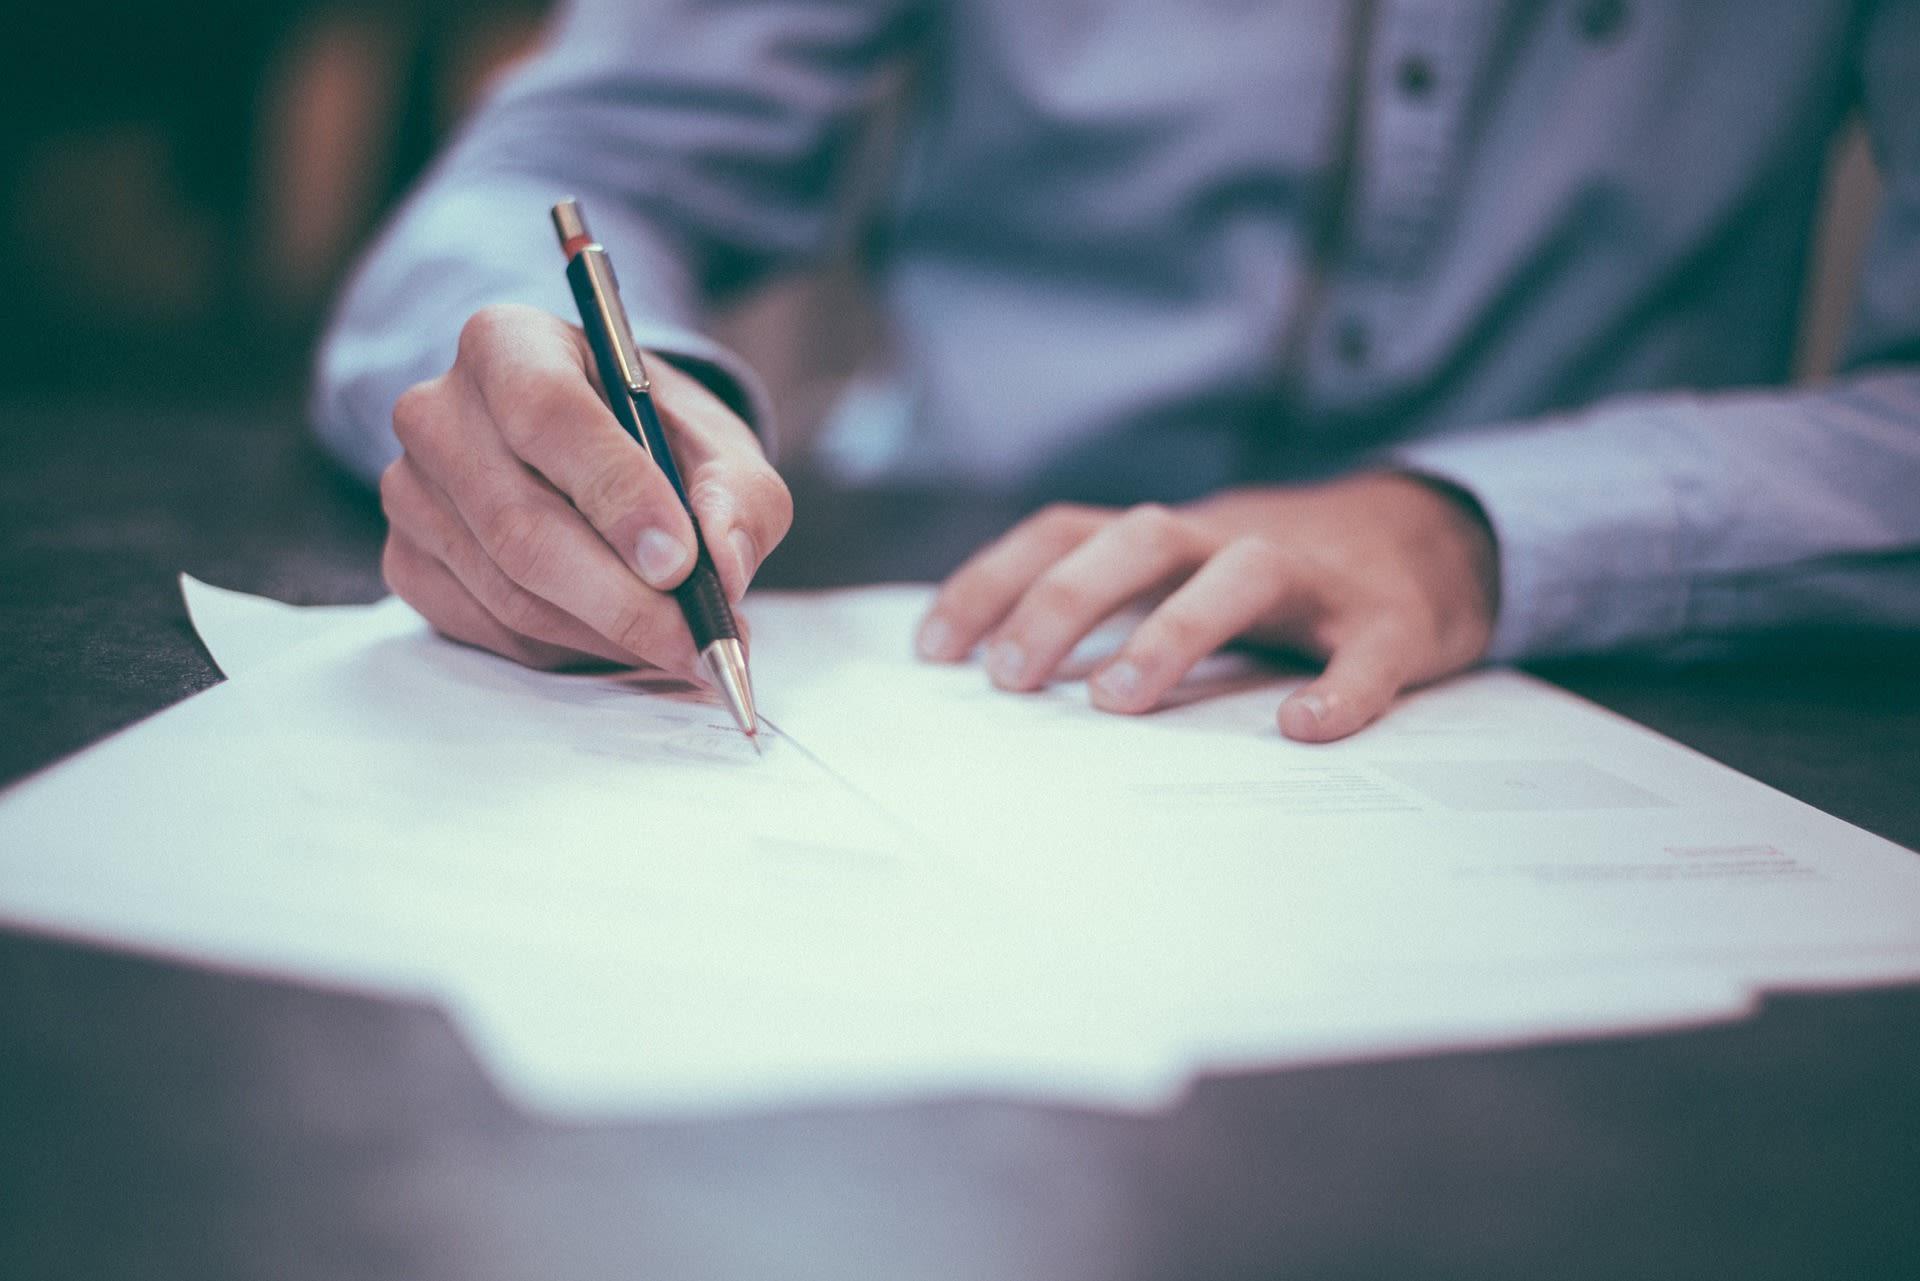 MSCクルーズ、ラグジュアリー・シップ建造の最終契約を締結